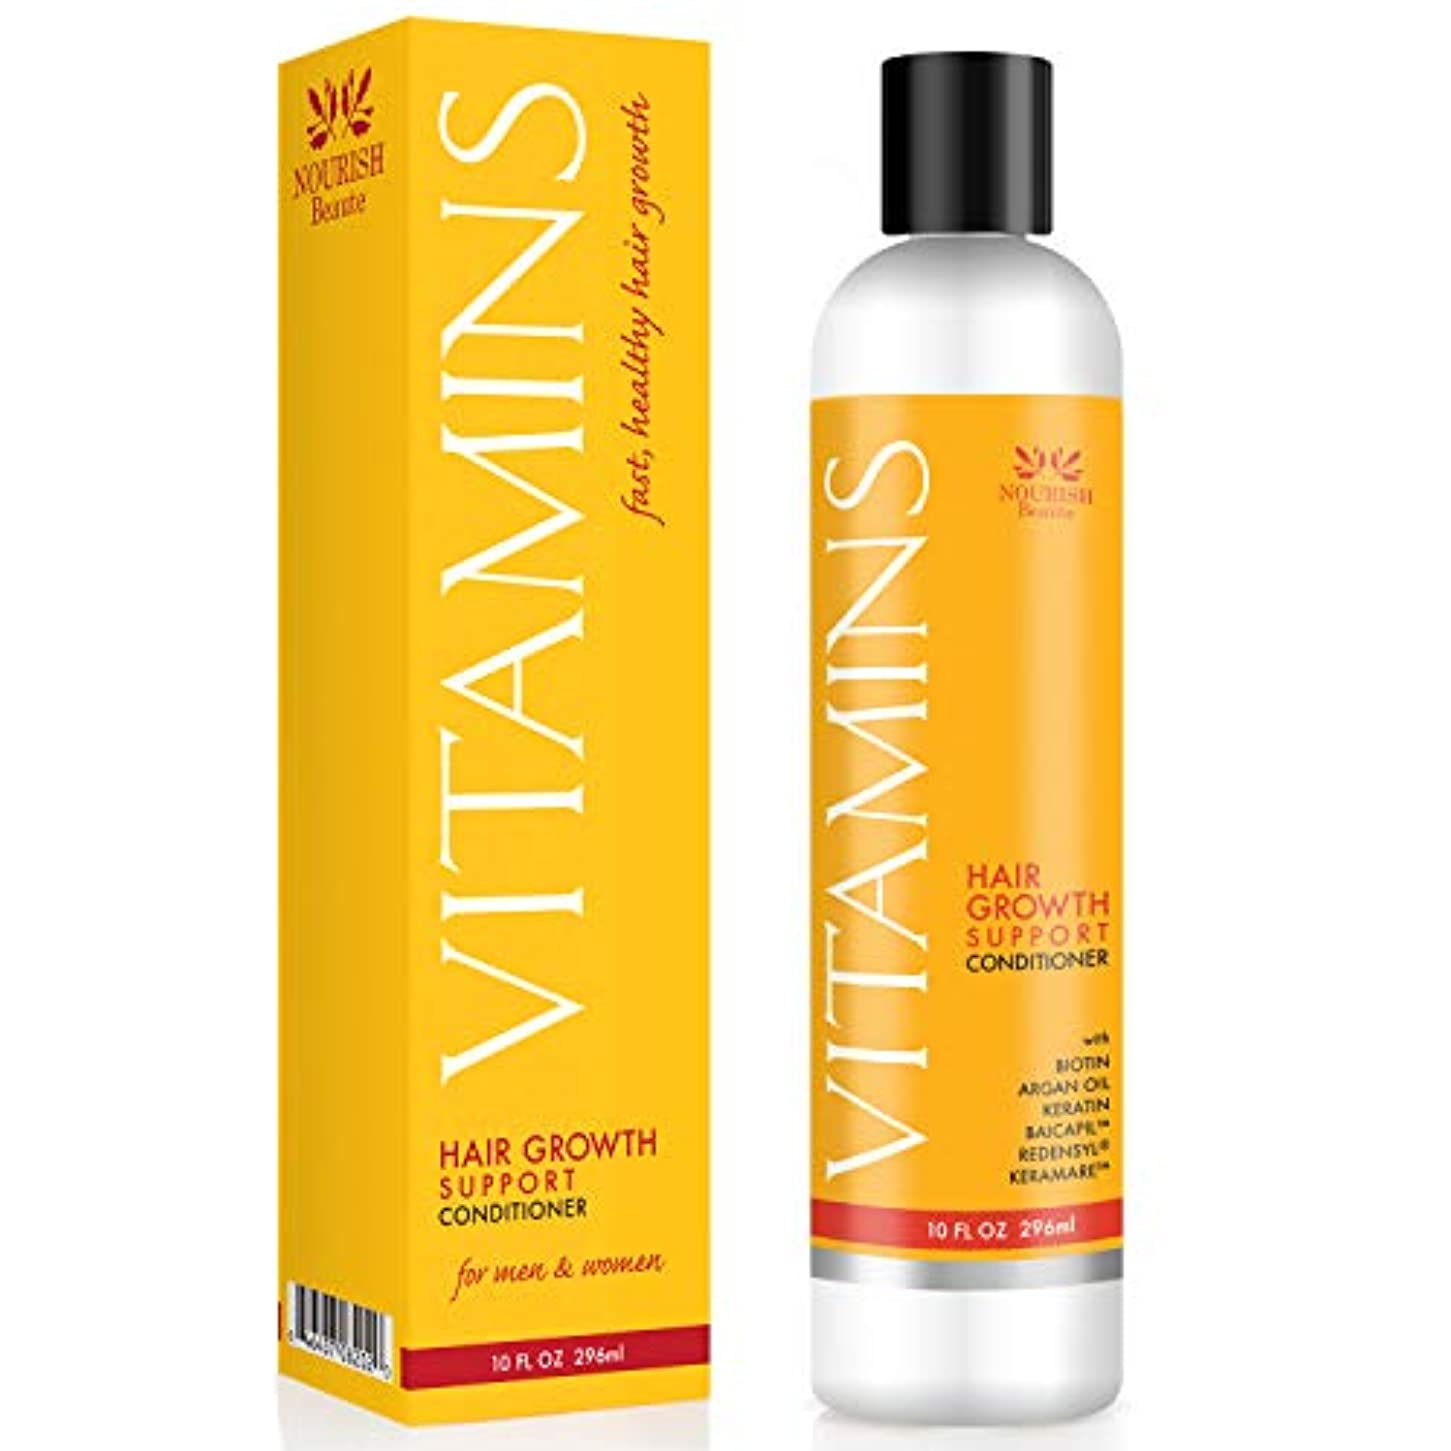 アプローチキャンベラスープVitamins - オーガニック 脱毛トリートメント コンディショナー Organic Hair Loss Treatment and Conditioner, 10 Ounce (296ml)